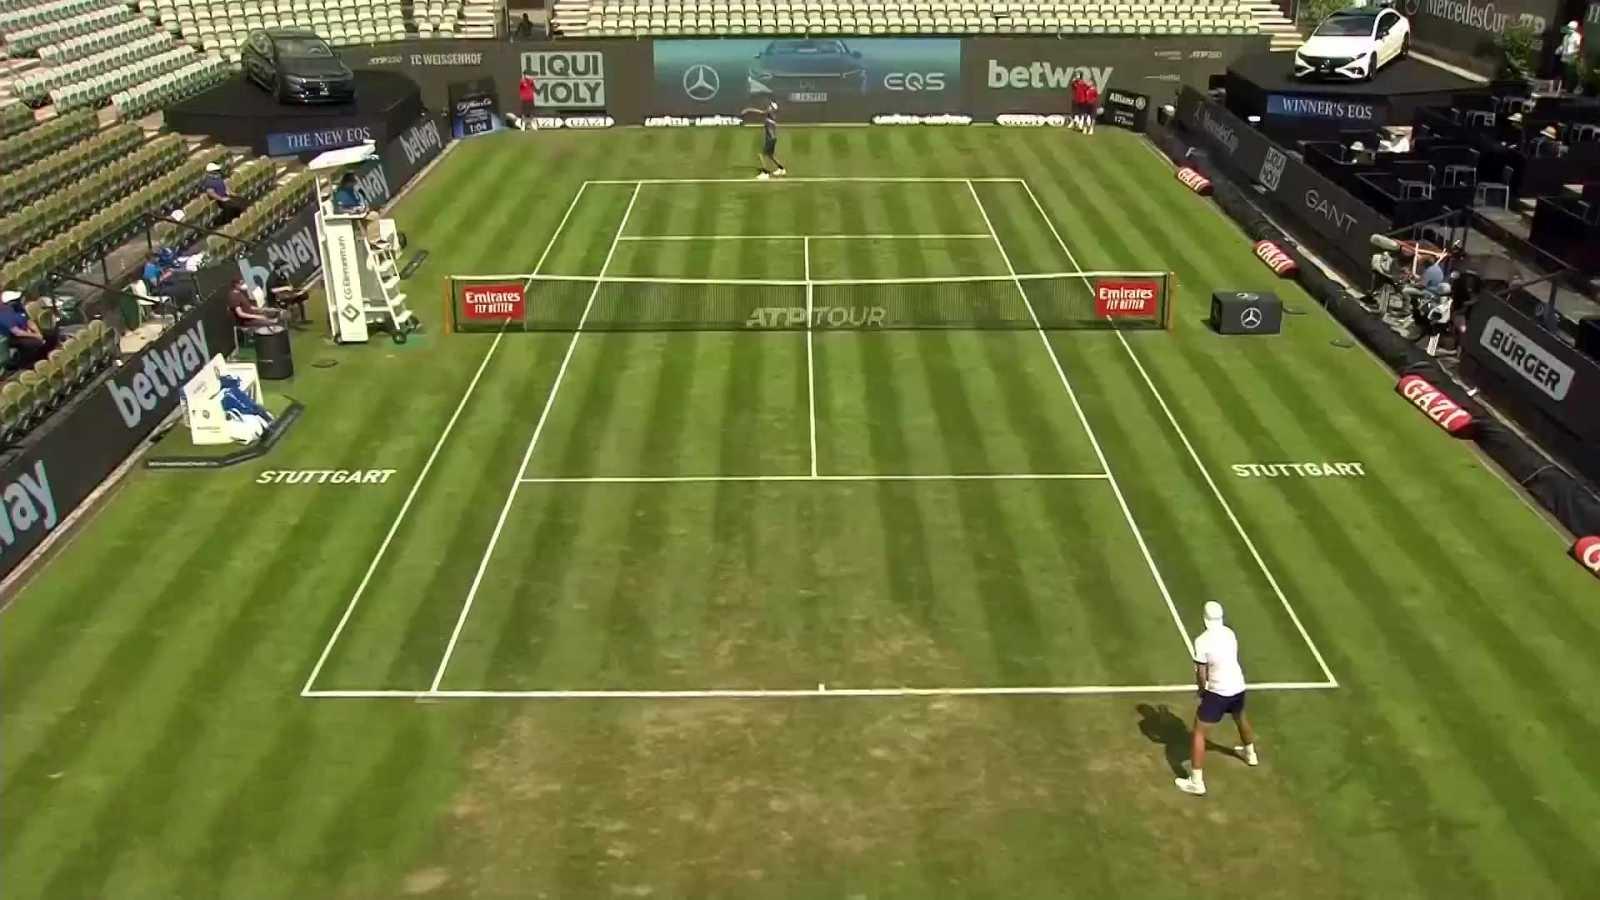 Tenis - ATP 250 Torneo Stuttgart: D.Stricker - H.Hurkacz - ver ahora